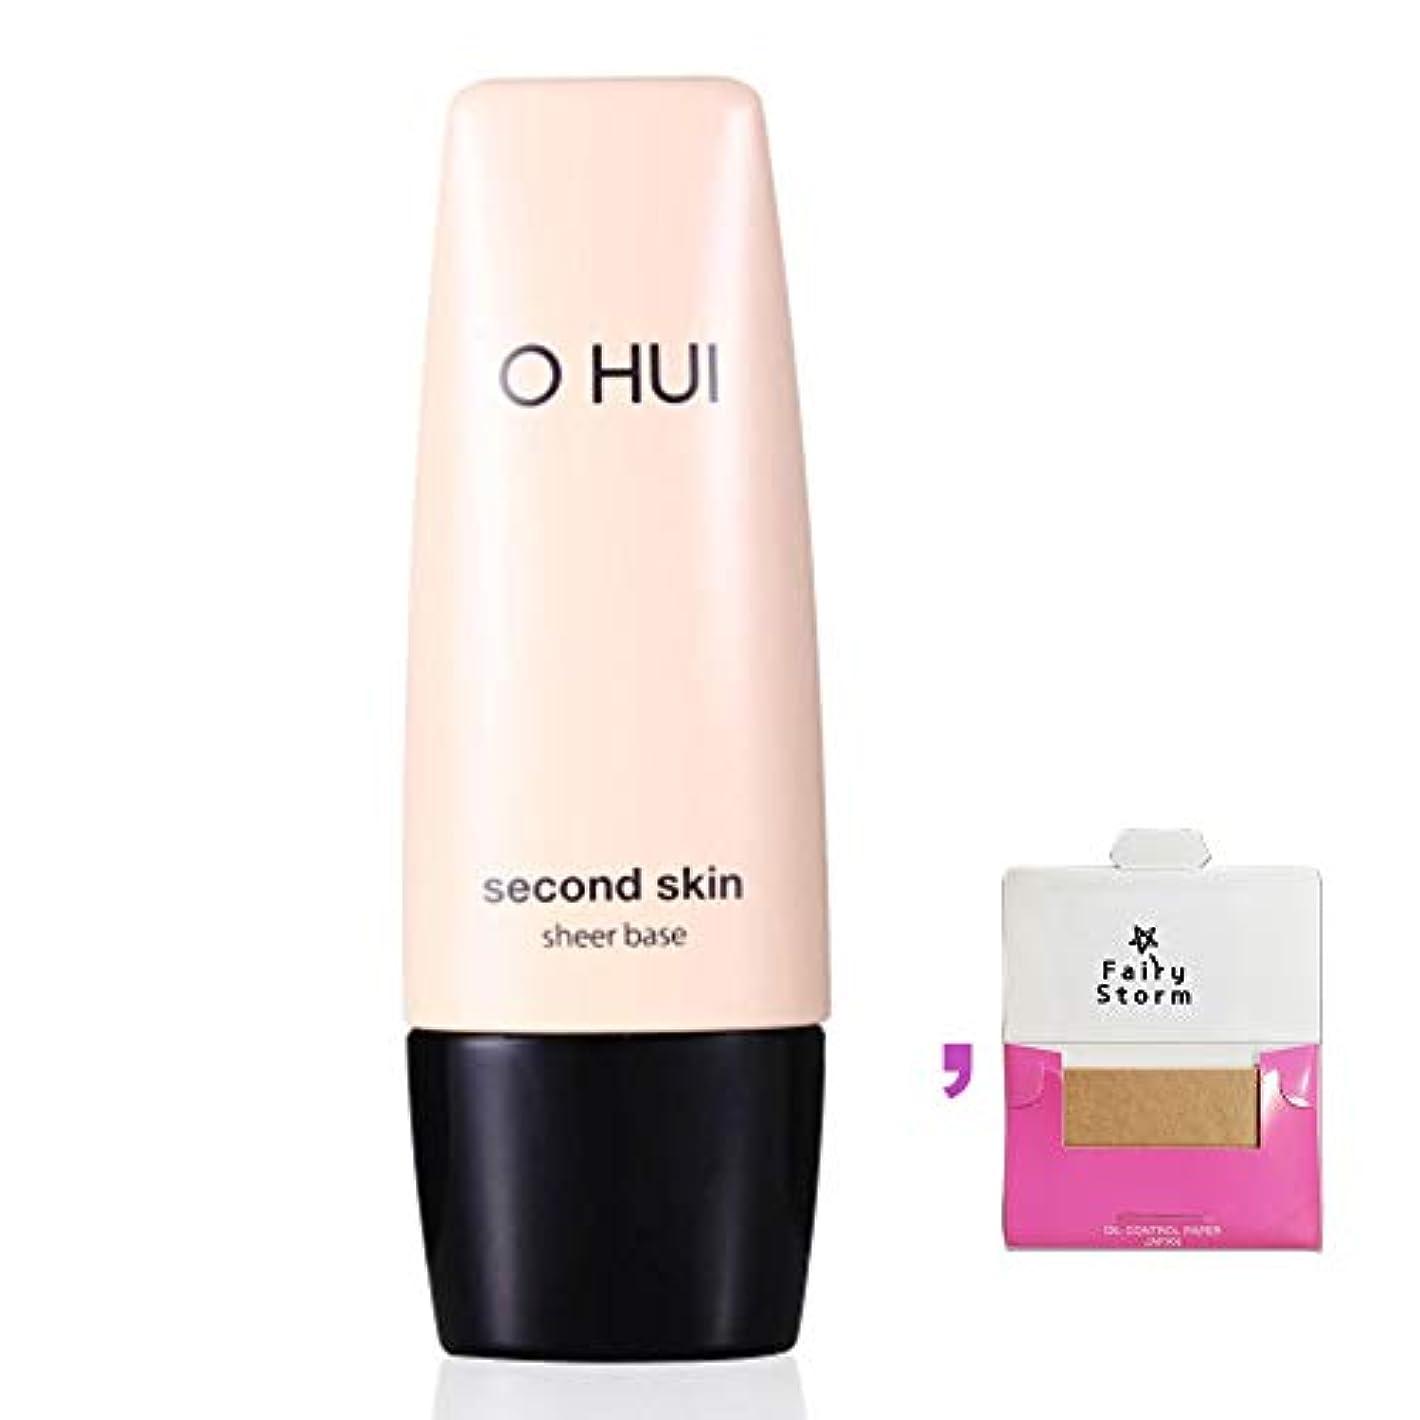 散逸櫛持つ[オフィ/O HUI]韓国化粧品 LG生活健康/OHUI OMB01 SECOND SKIN SHEER BASE 40ml/ オフィ セカンドスキン シアーベース +[Sample Gift](海外直送品)